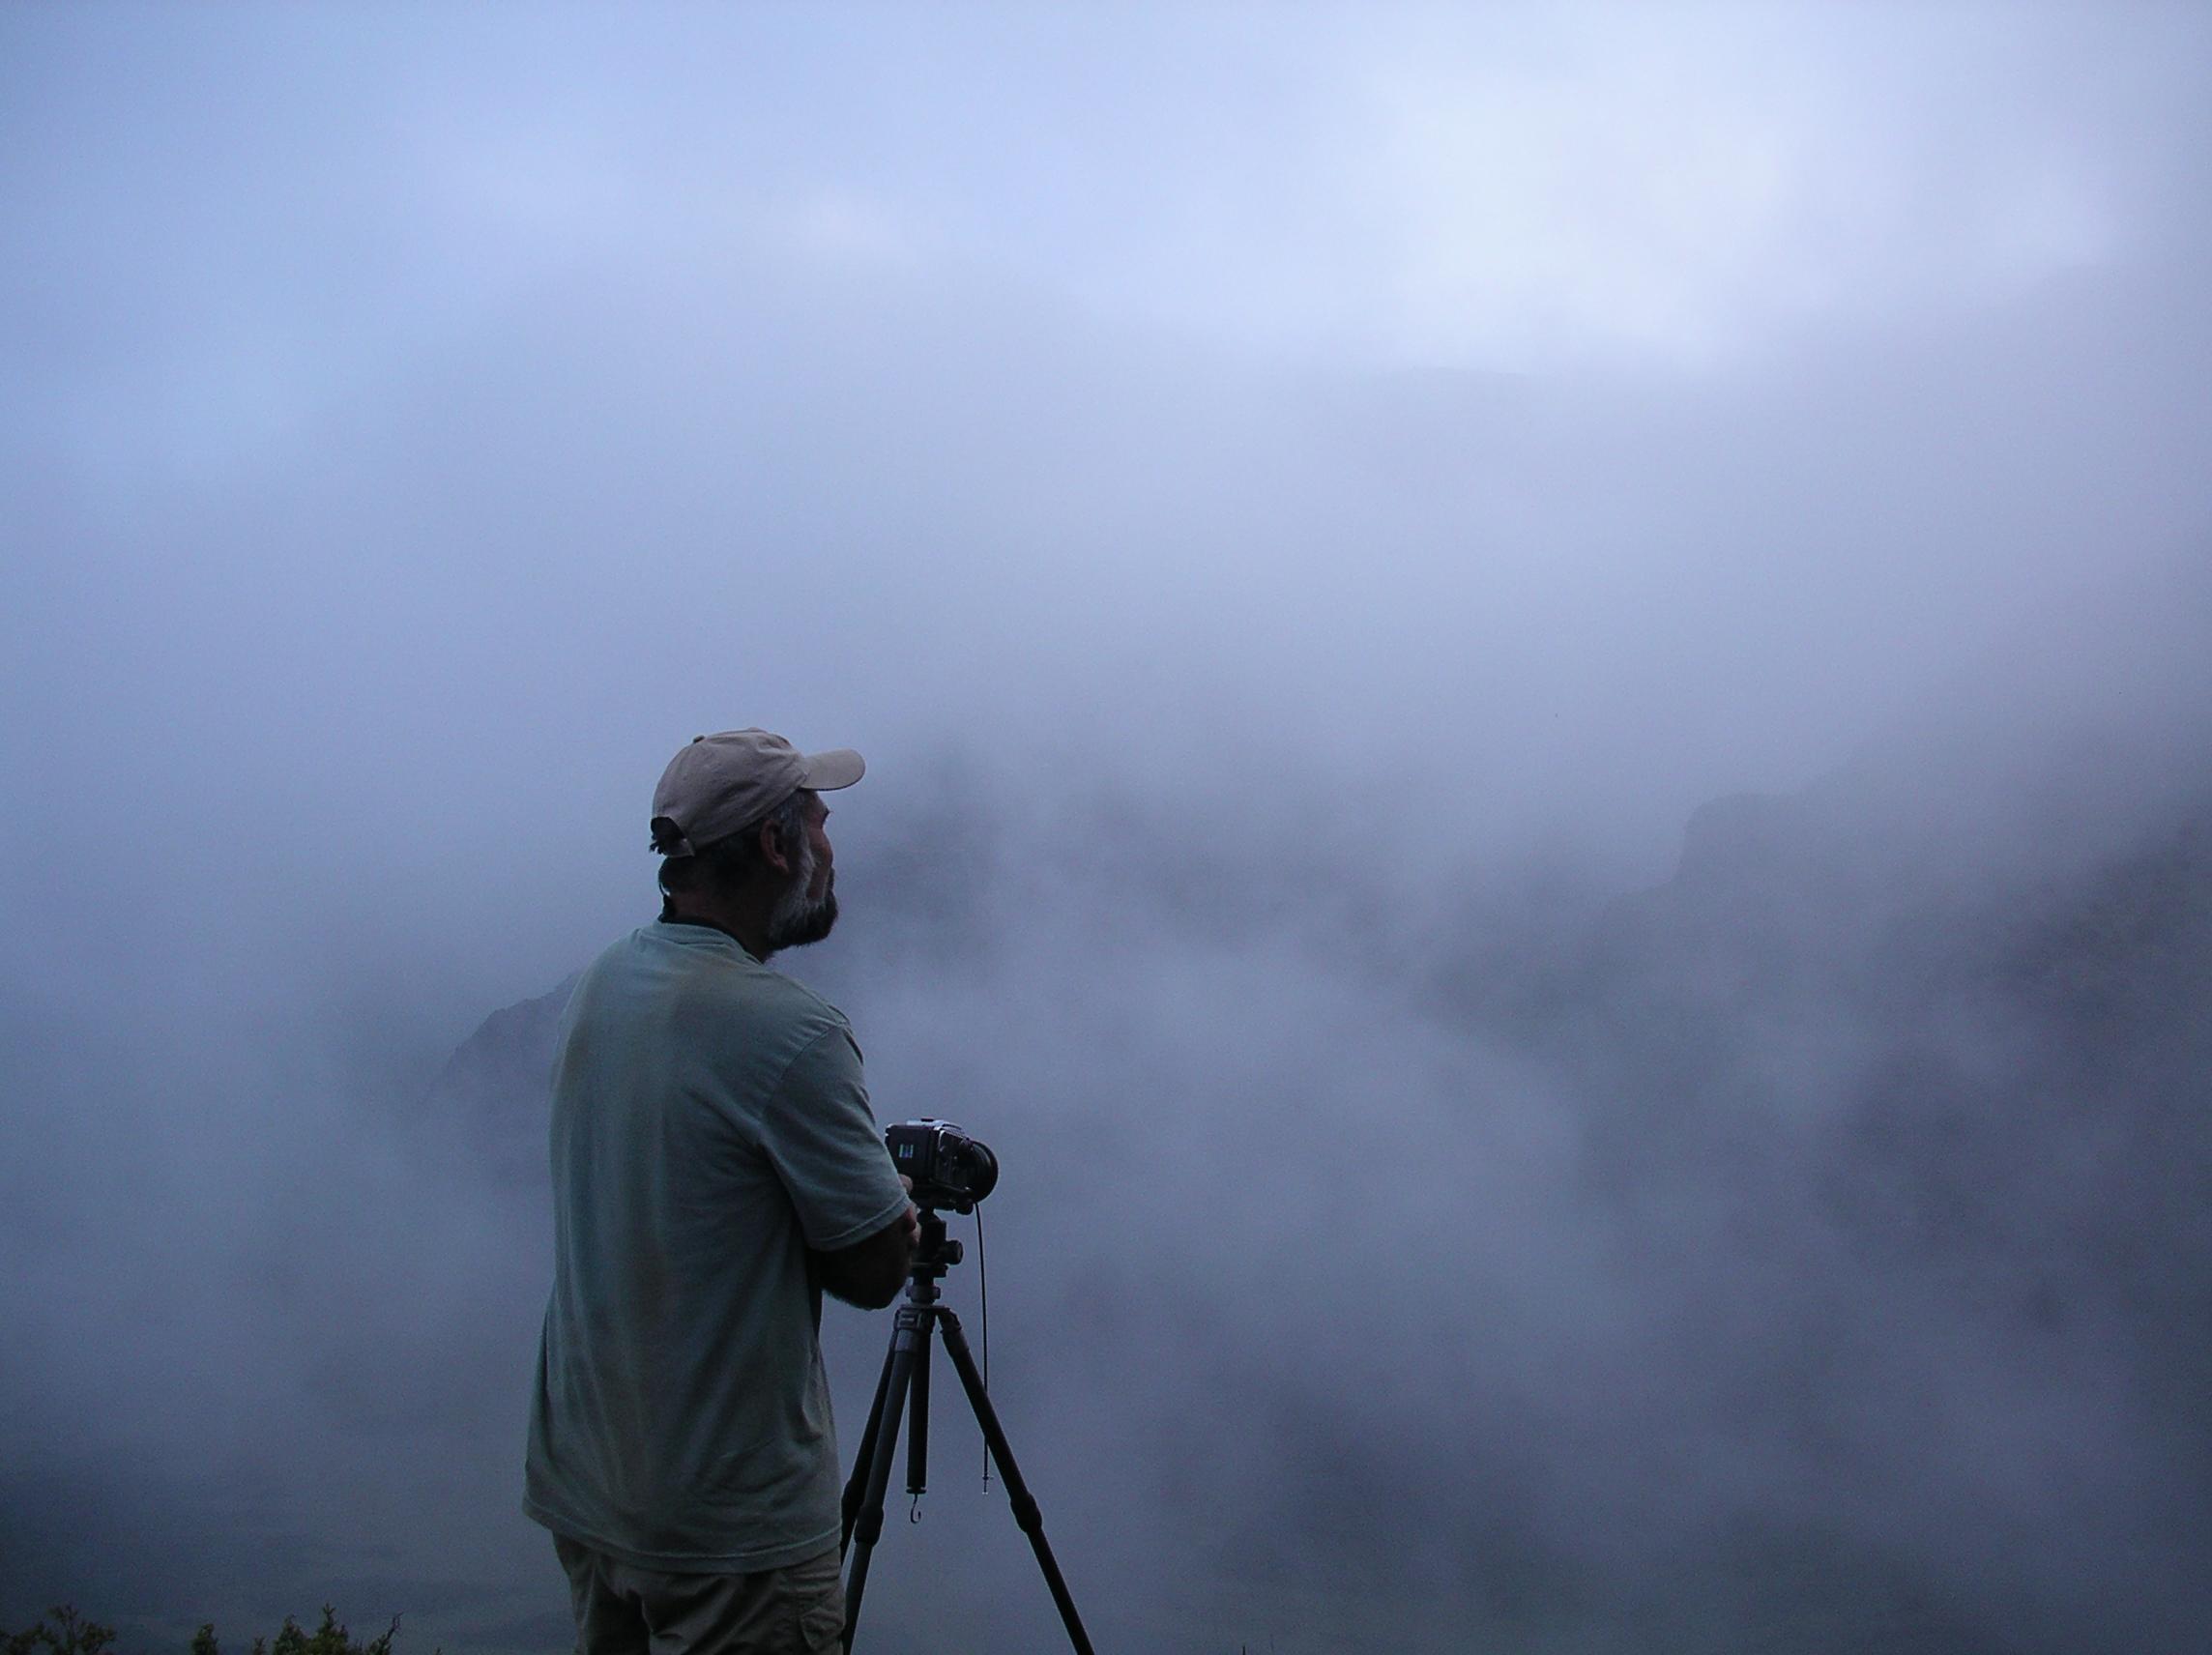 Hardie Truesdale working in Haleakala National Park, HI  ©Stephanie Truesdale